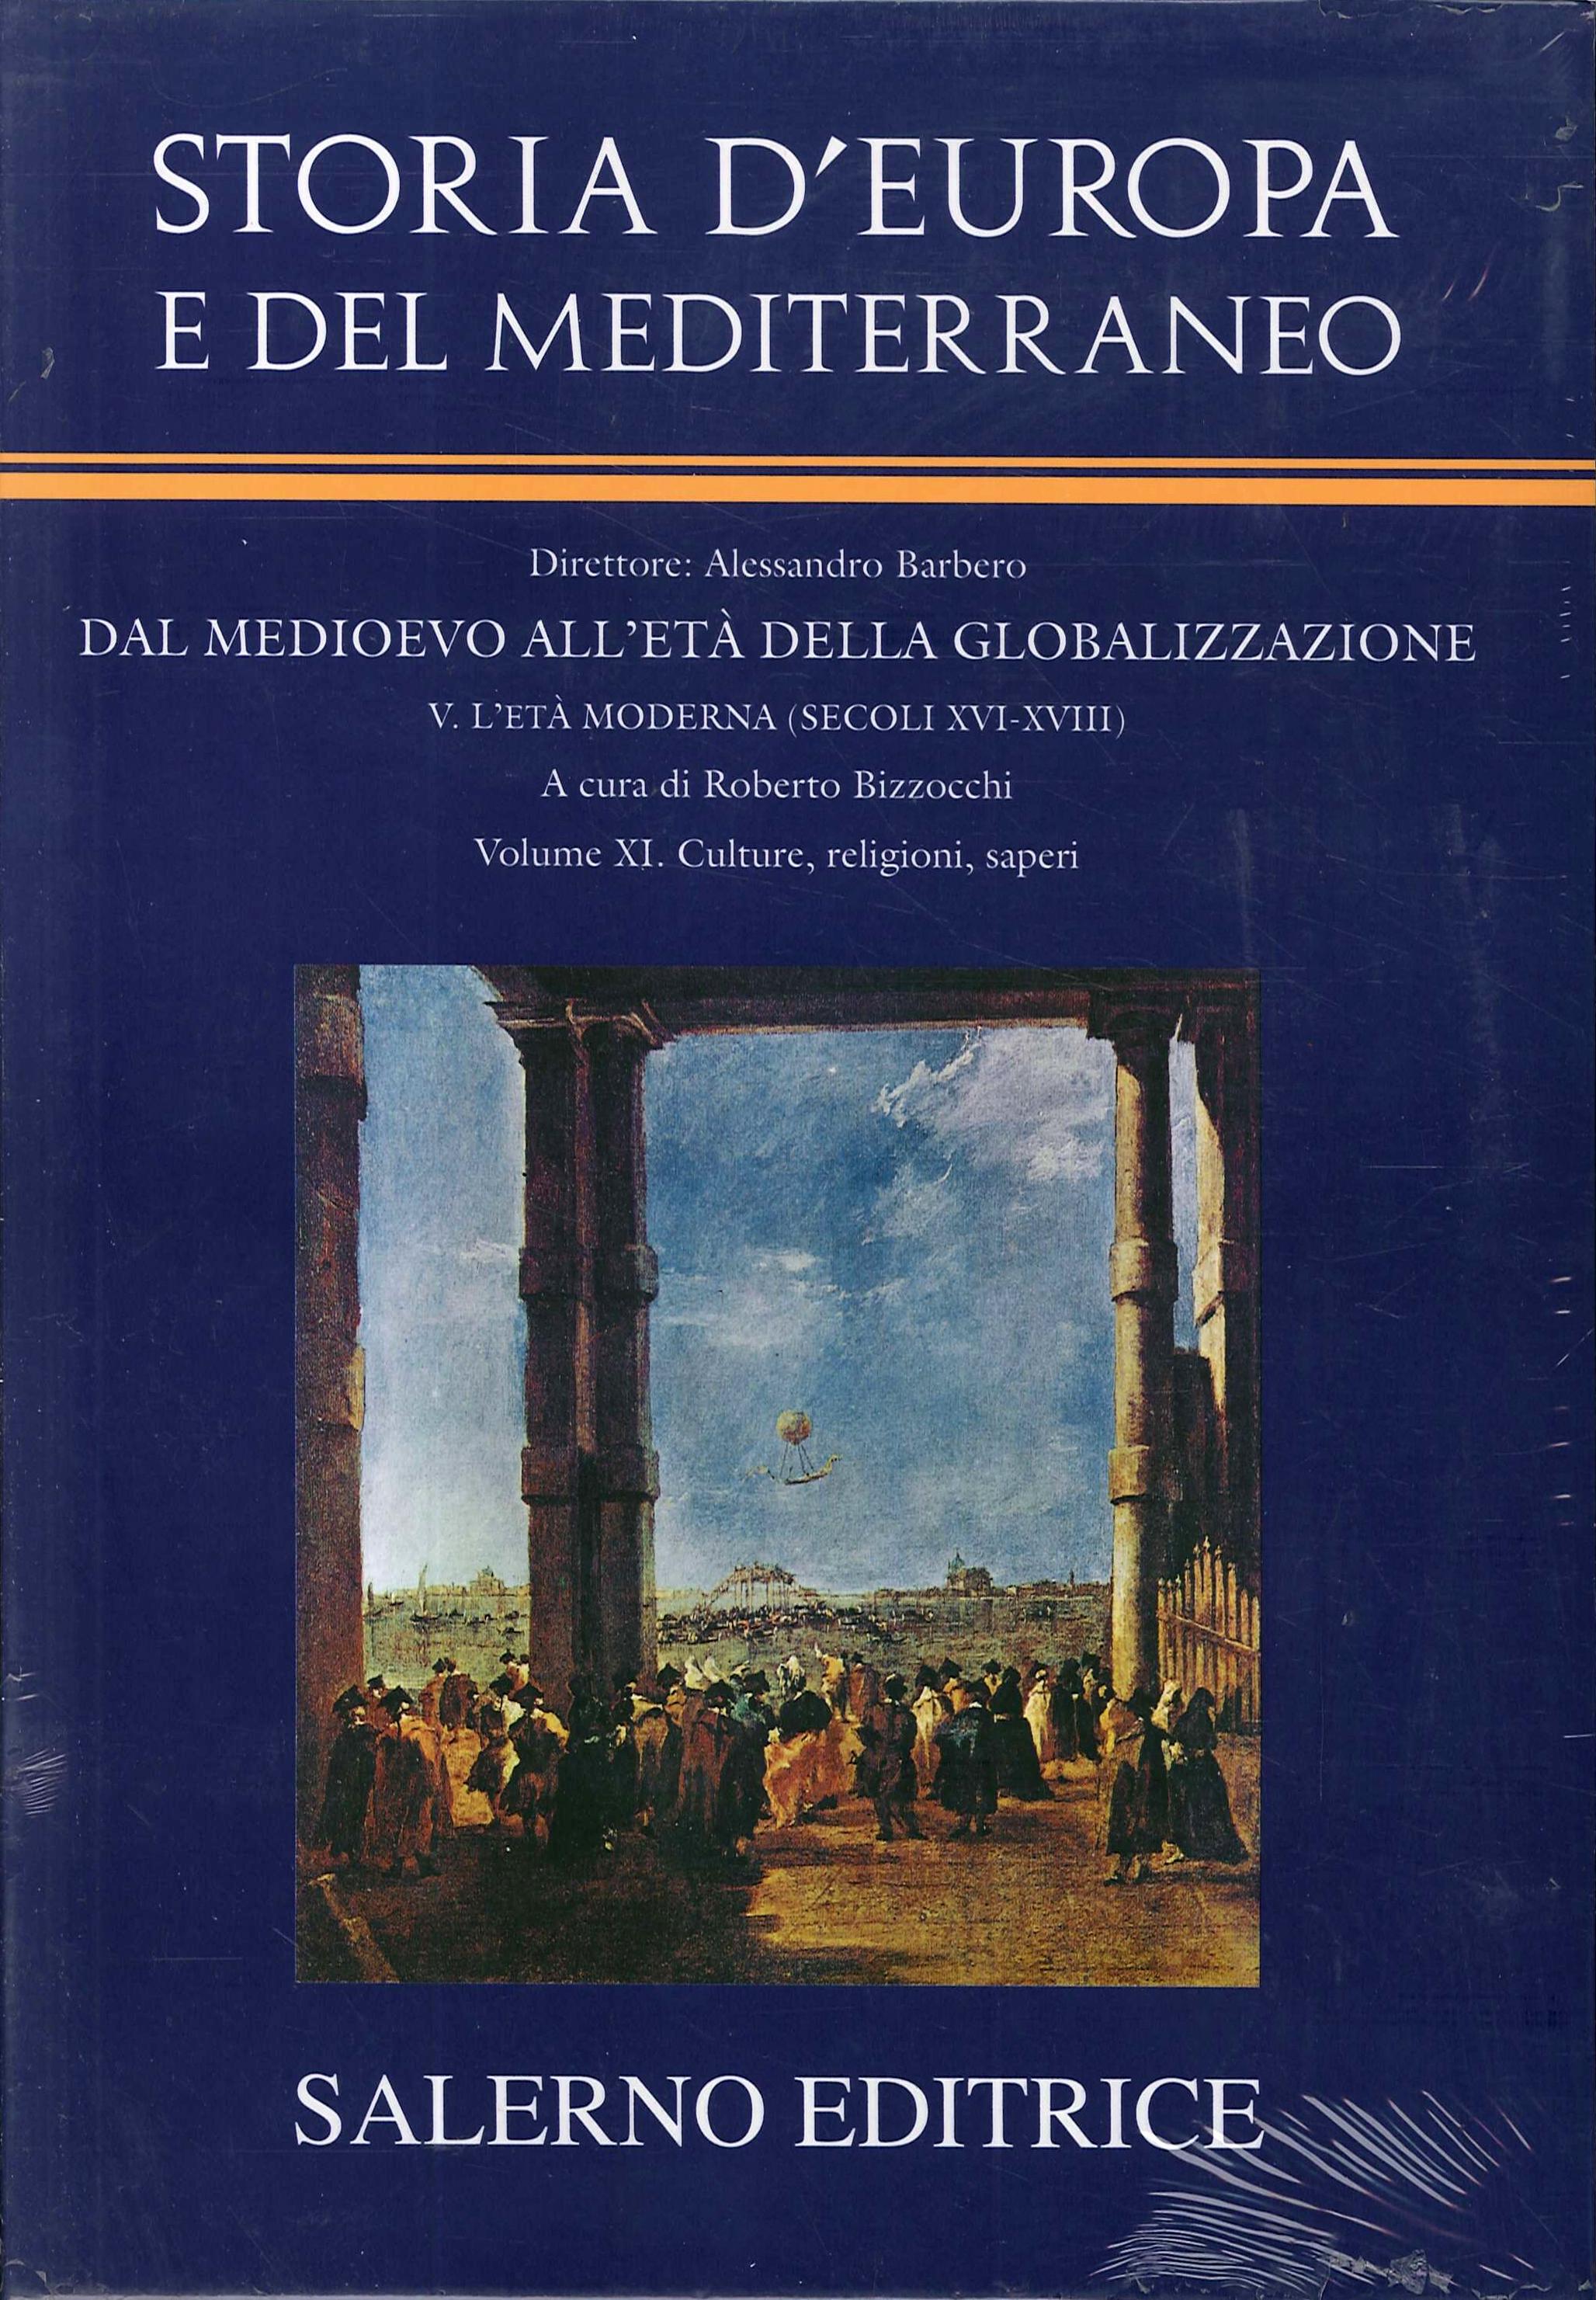 Storia d'Europa e del Mediterraneo. Vol. 11: Cultura, religioni, saperi